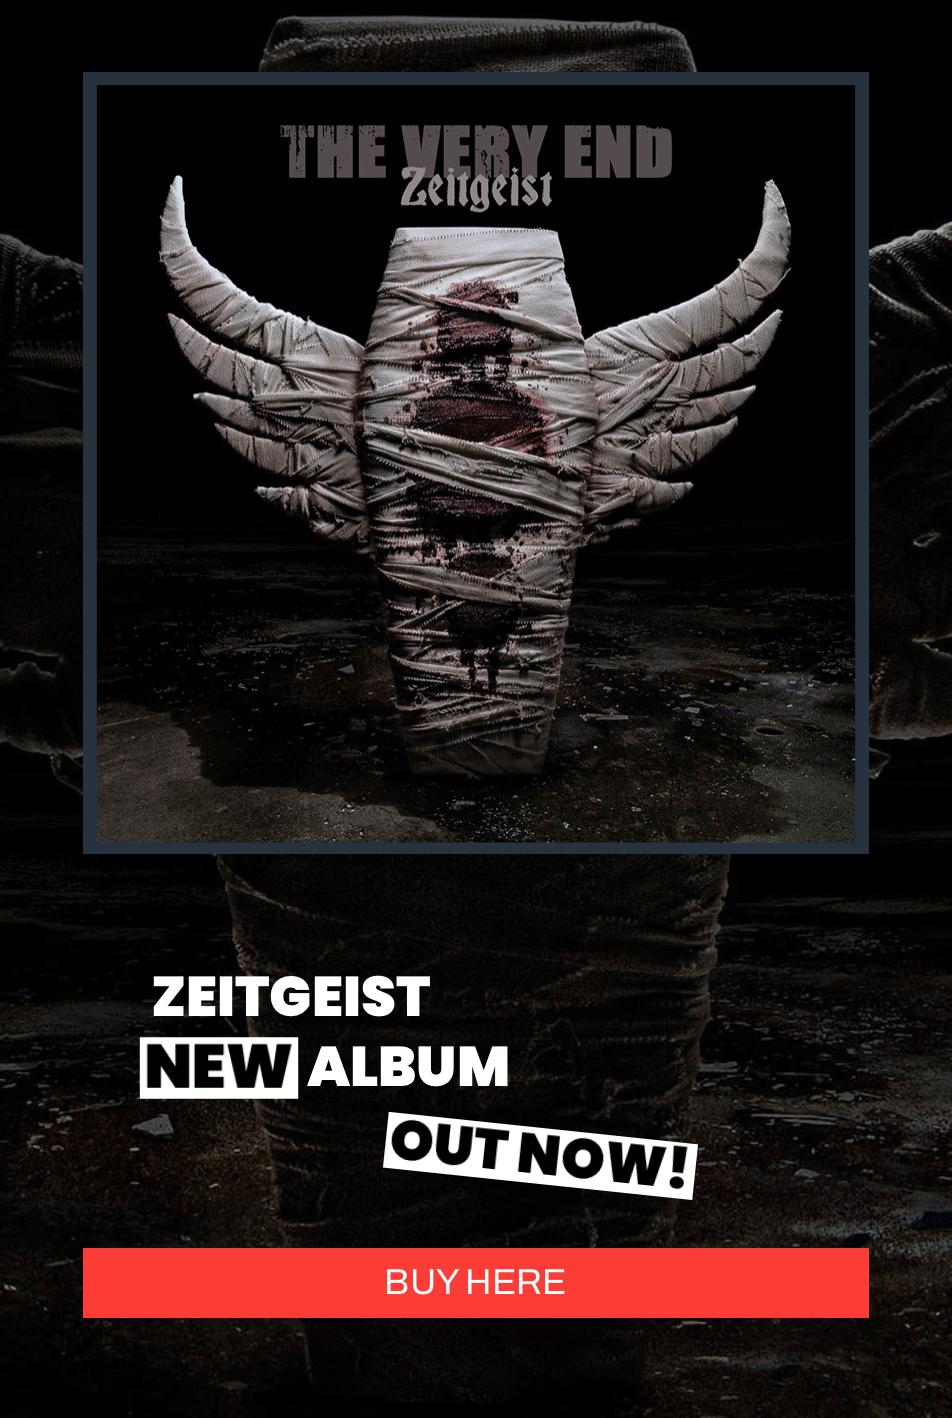 Buy new album Zeitgeist now